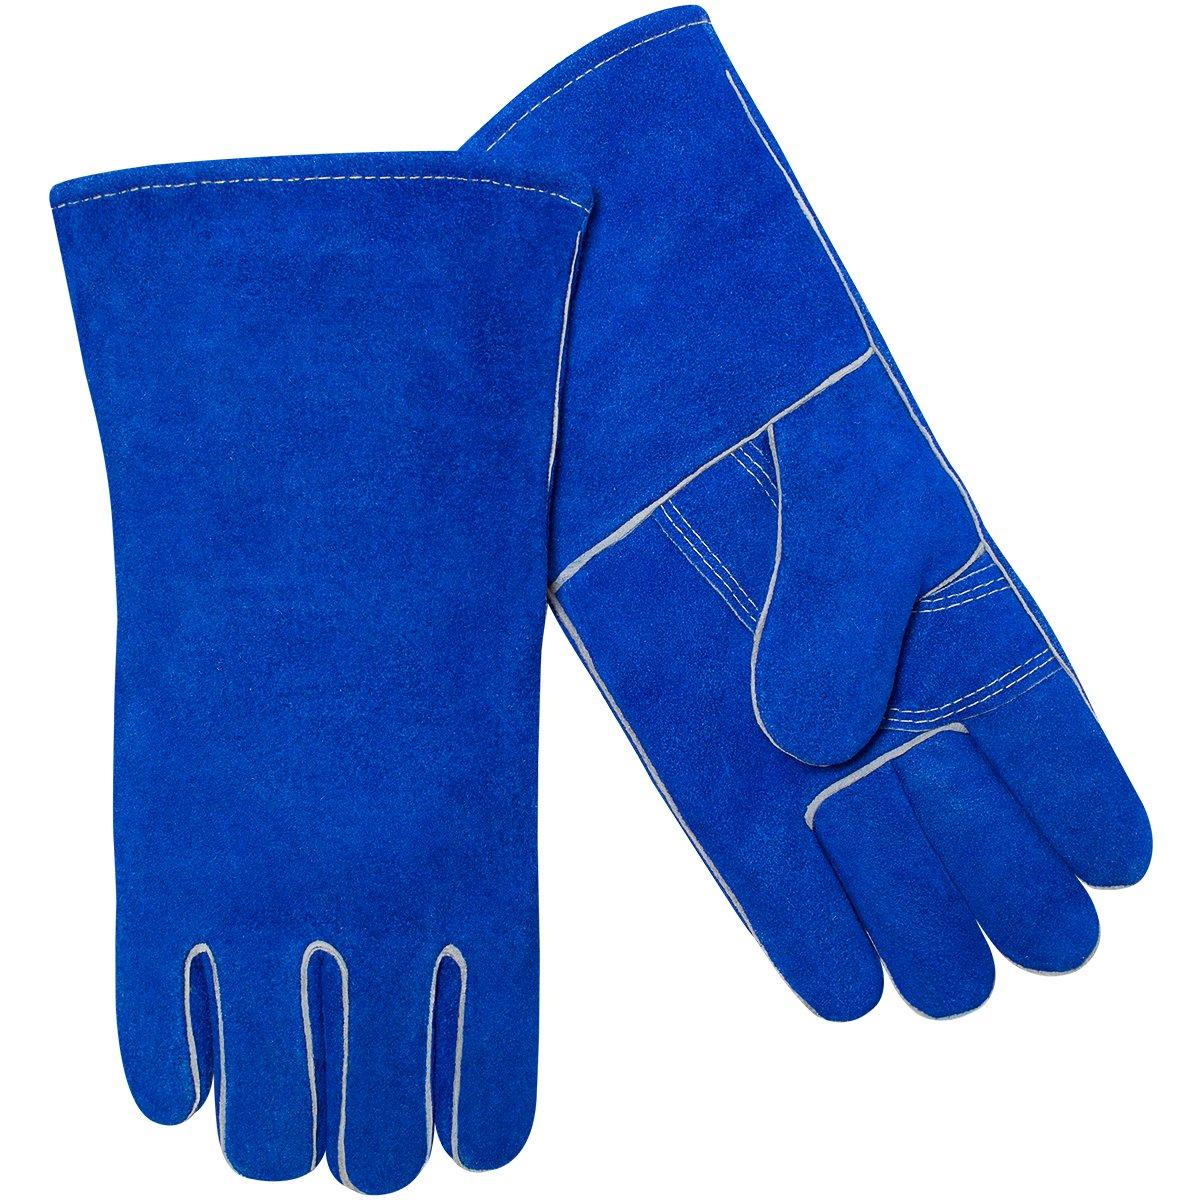 Steiner 02509-L Welding Gloves, Blue Economy Shoulder Split Cowhide Cotton Lined, Large (12-Pack)